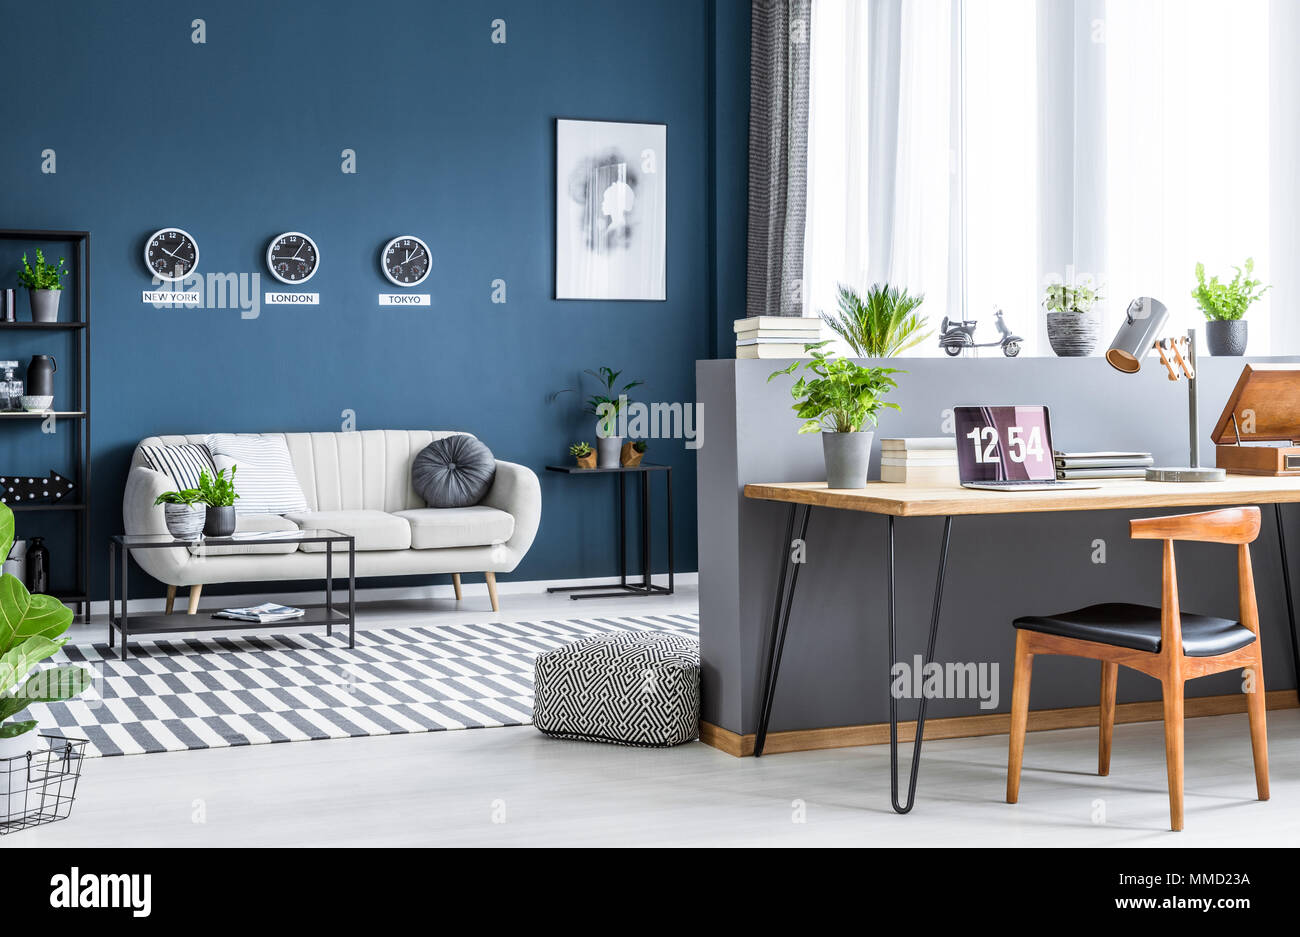 Salon moderne intérieur avec des murs sombres industrielle et d